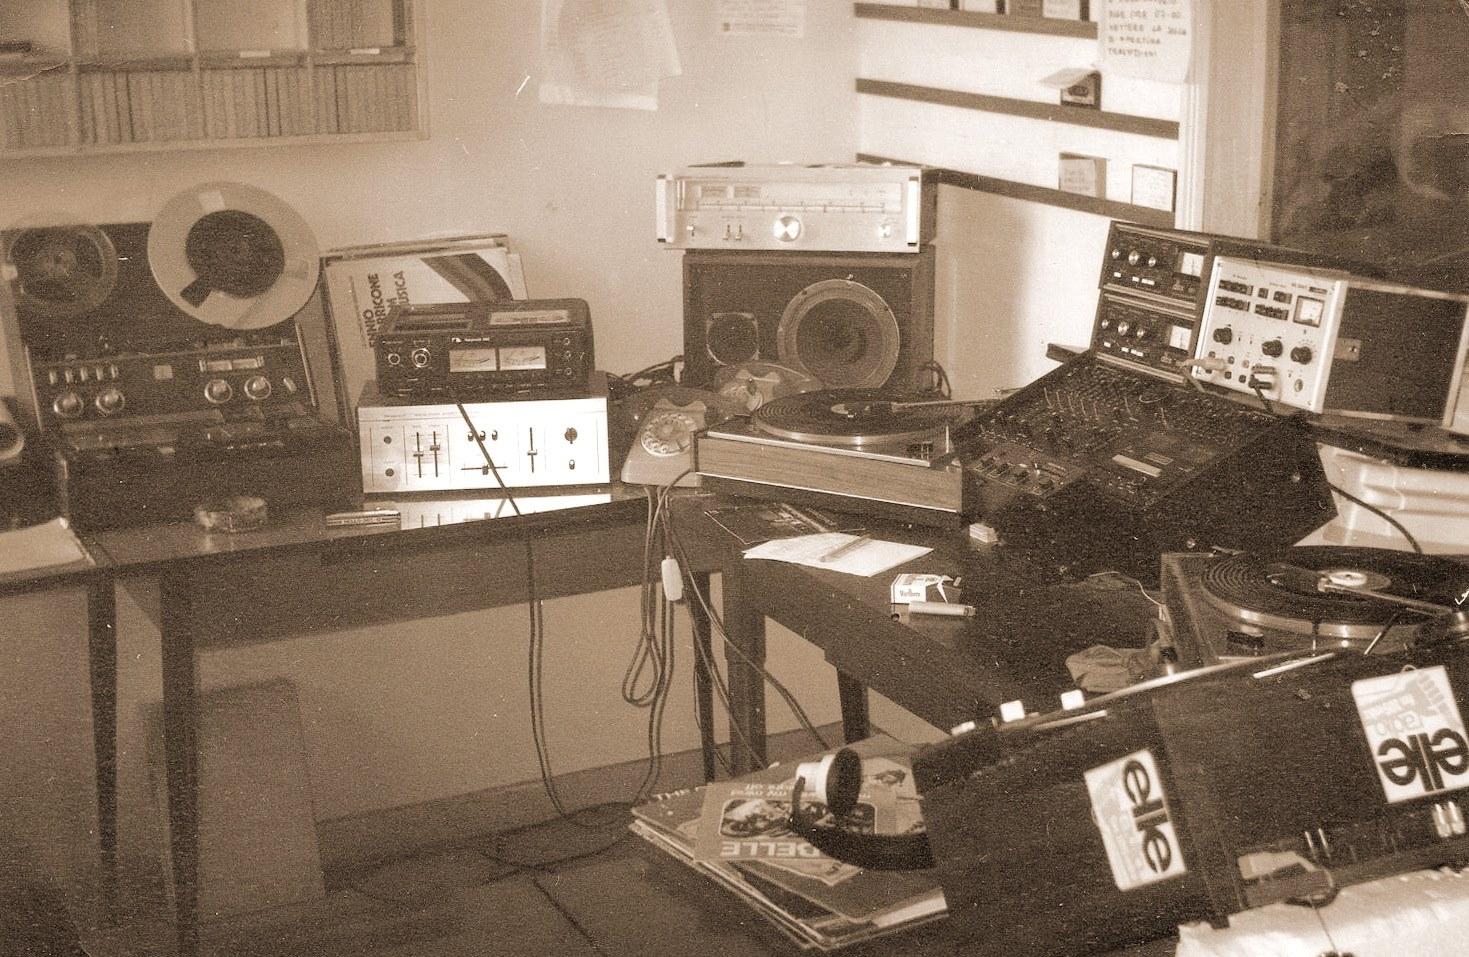 Radio Elle Chieti studio 1 - Storia della radiotelevisione italiana. Radio Elle: quando a Roma, nel 1975, si pensava in grande